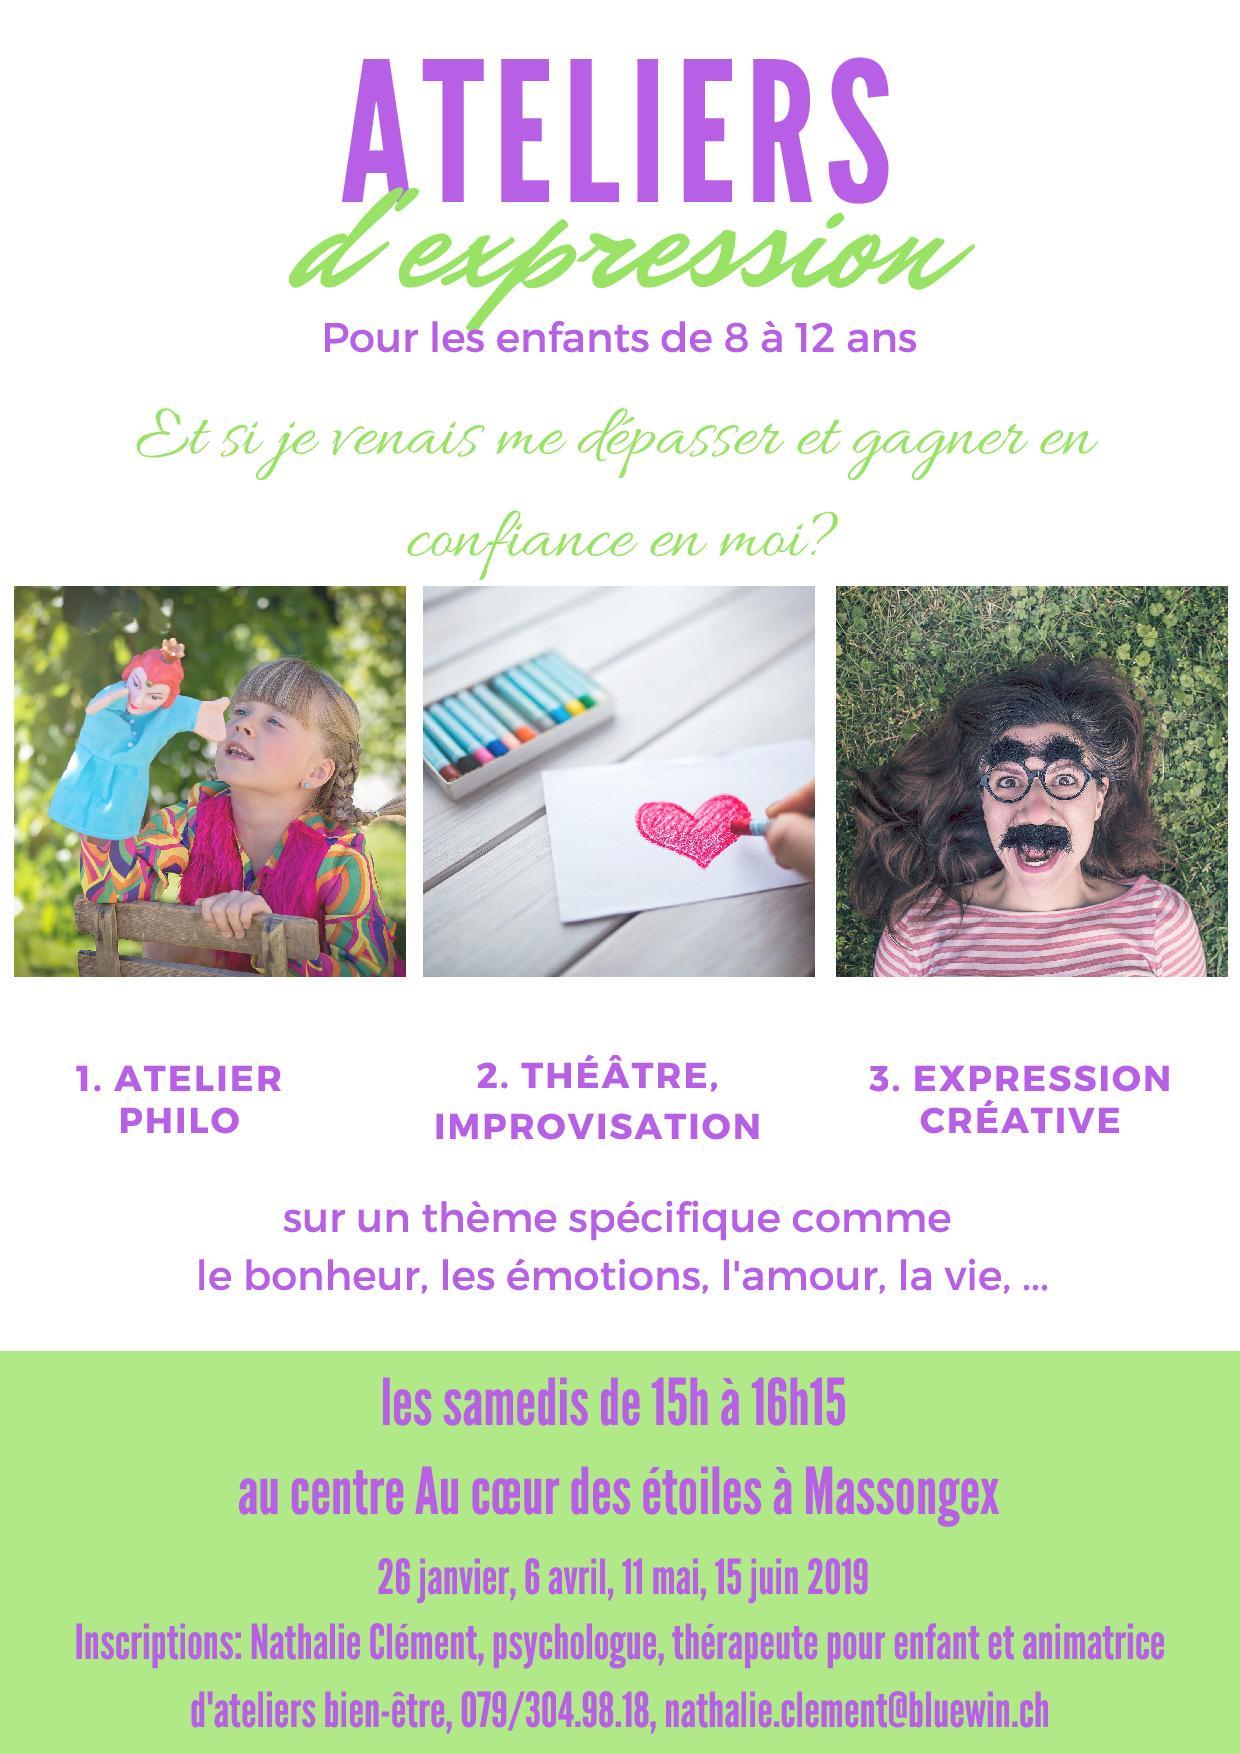 atelier pour enfant, philo, créatif, chablais, massongex, bien-être, thérapeute pour enfant, Nathalie Clément